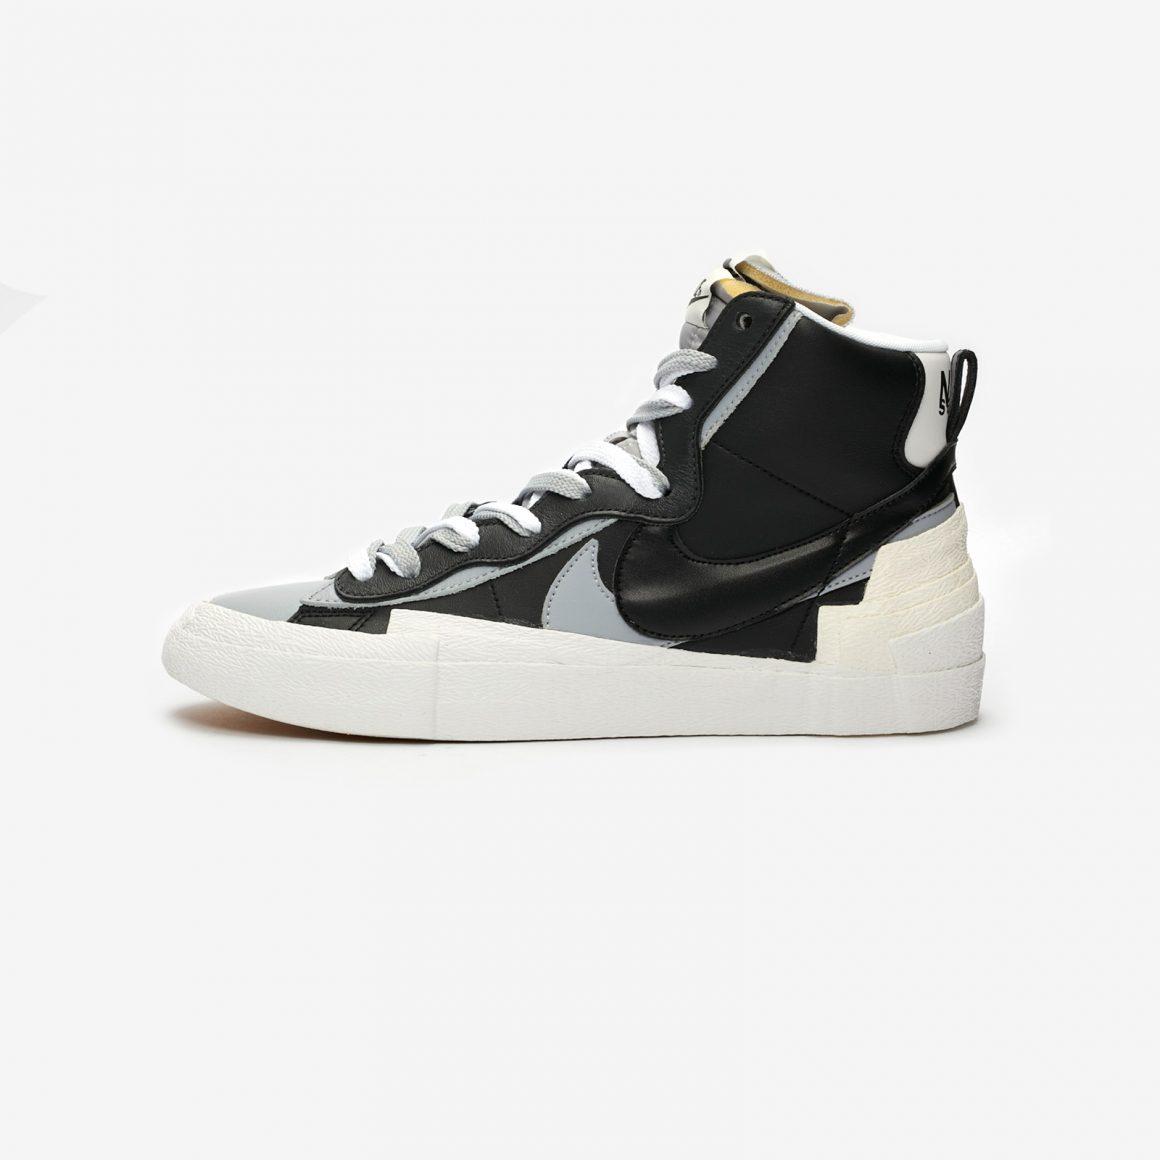 SACAI x Nike Blazer Mid ''Back/Wolf Grey/White''